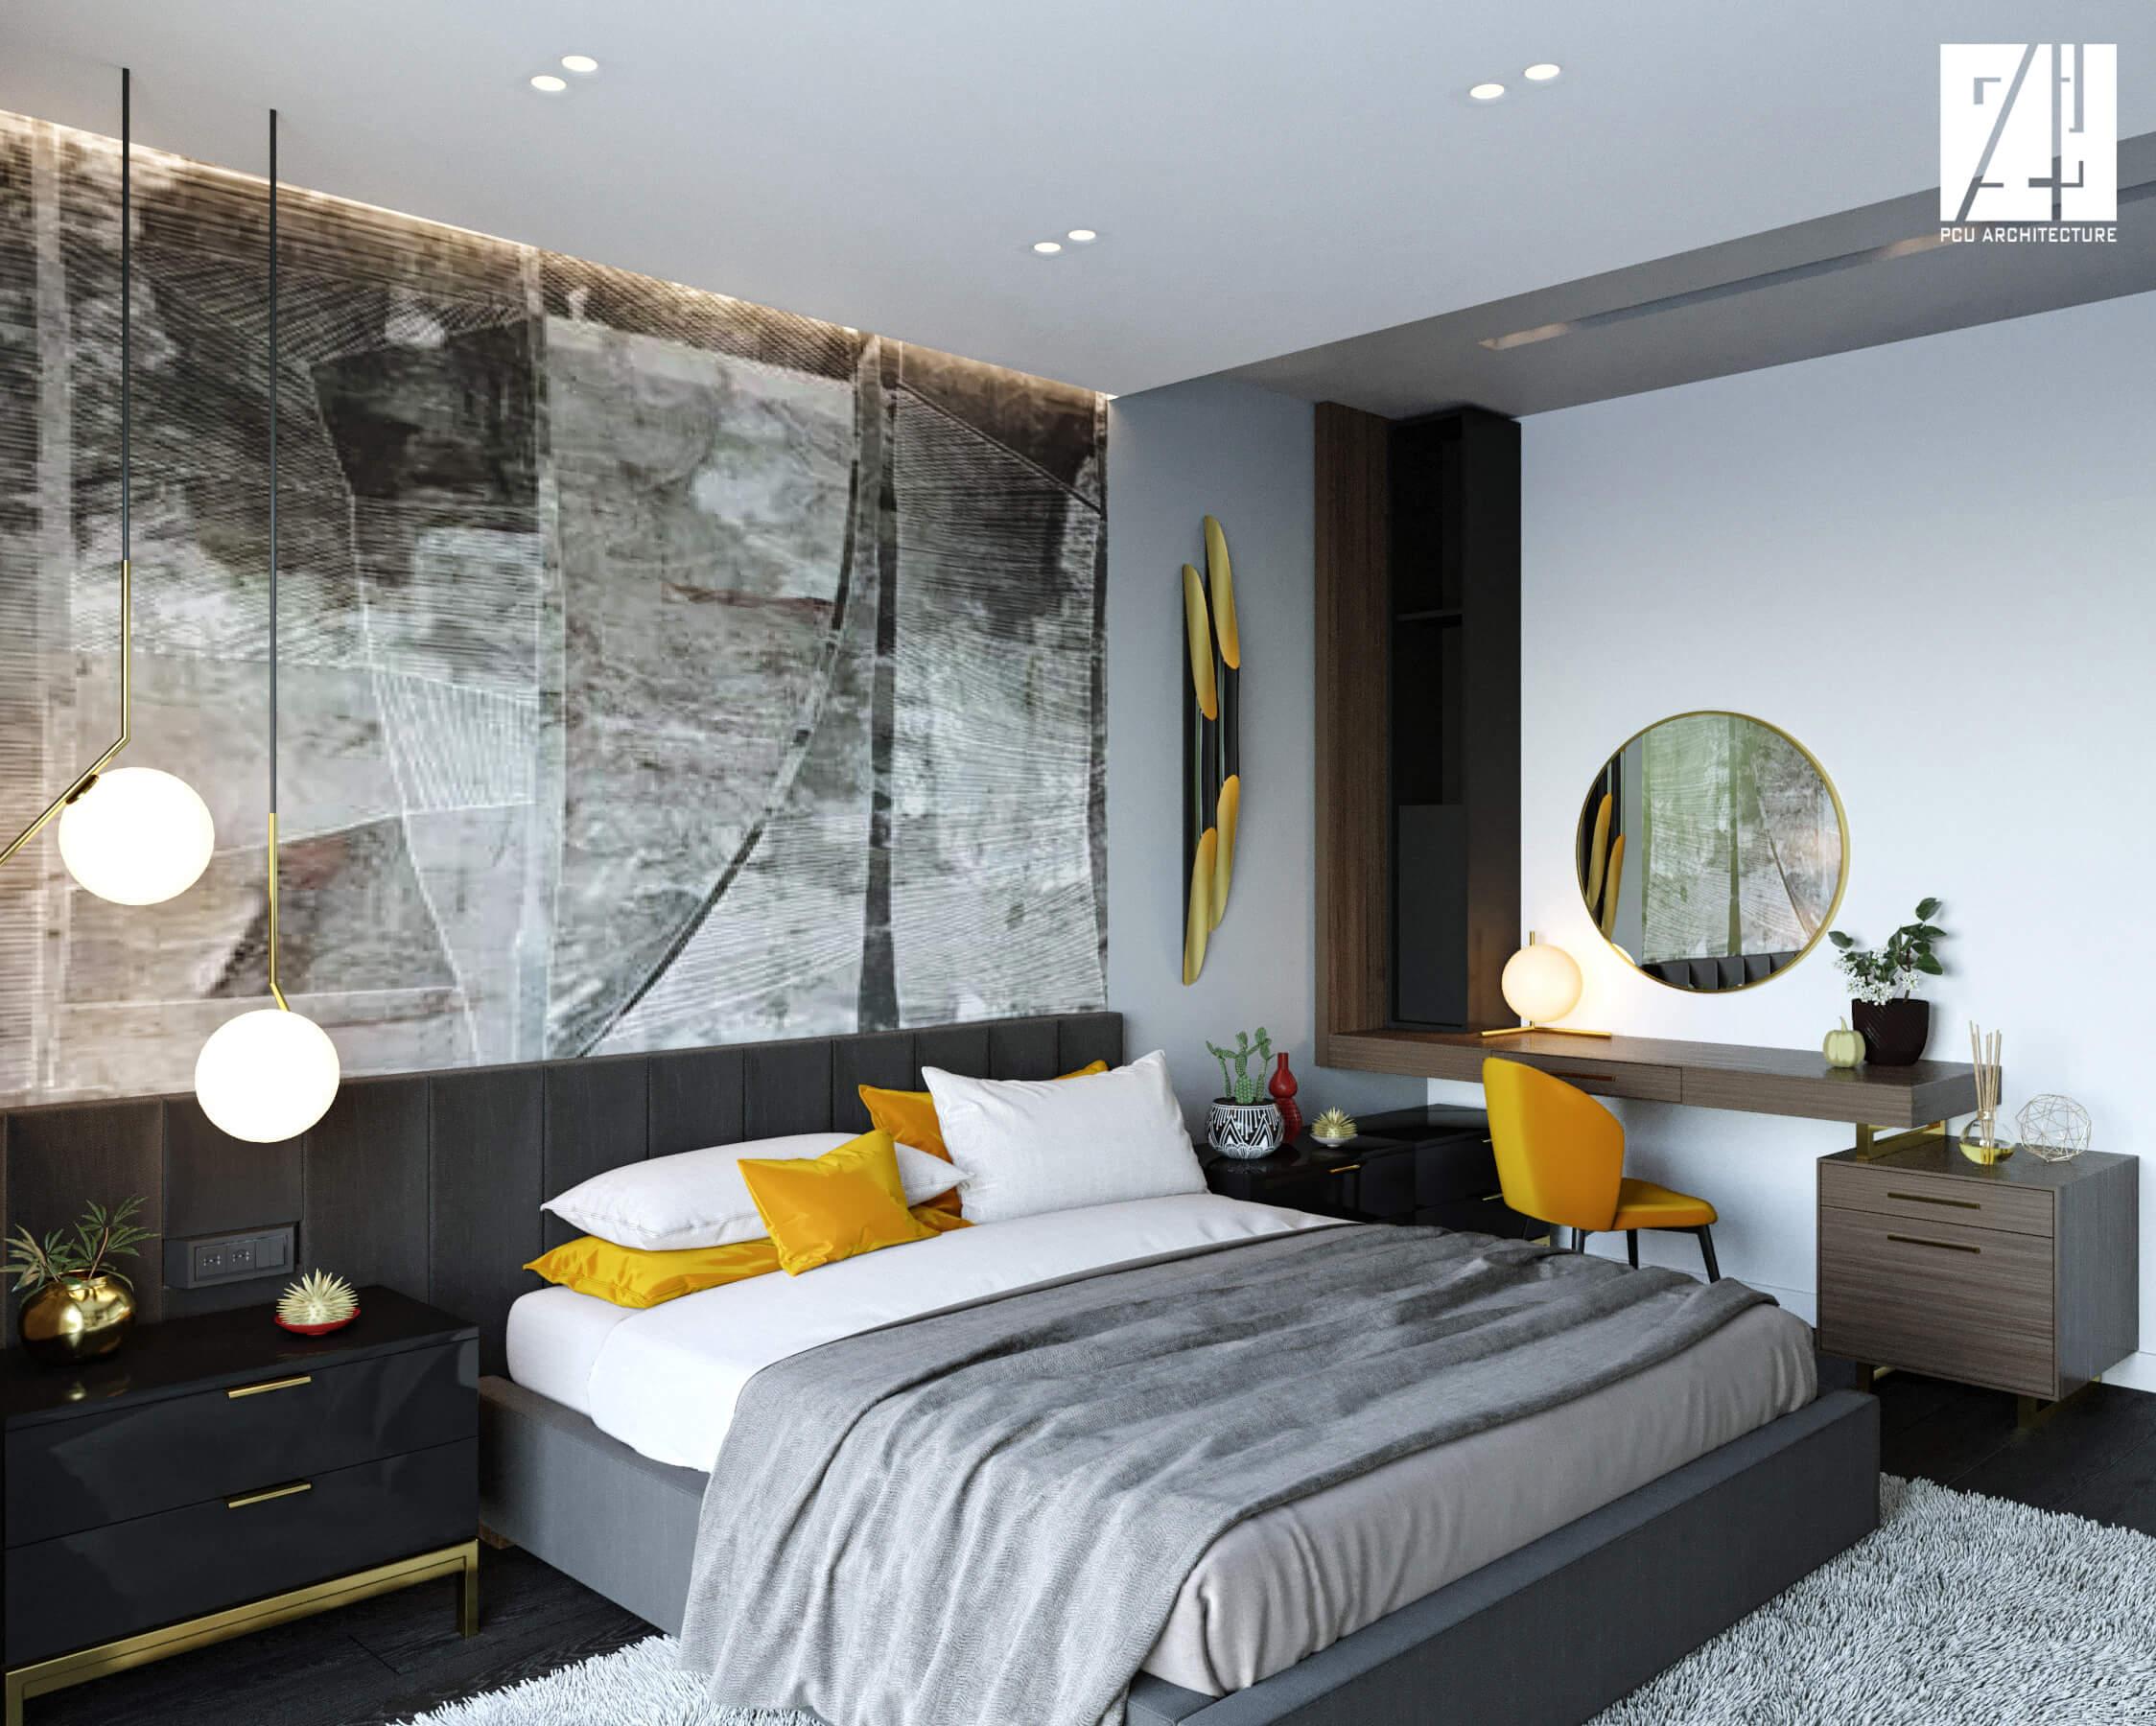 04_DI_CASA 1_BUZAU_Dormitor Oaspeti_1